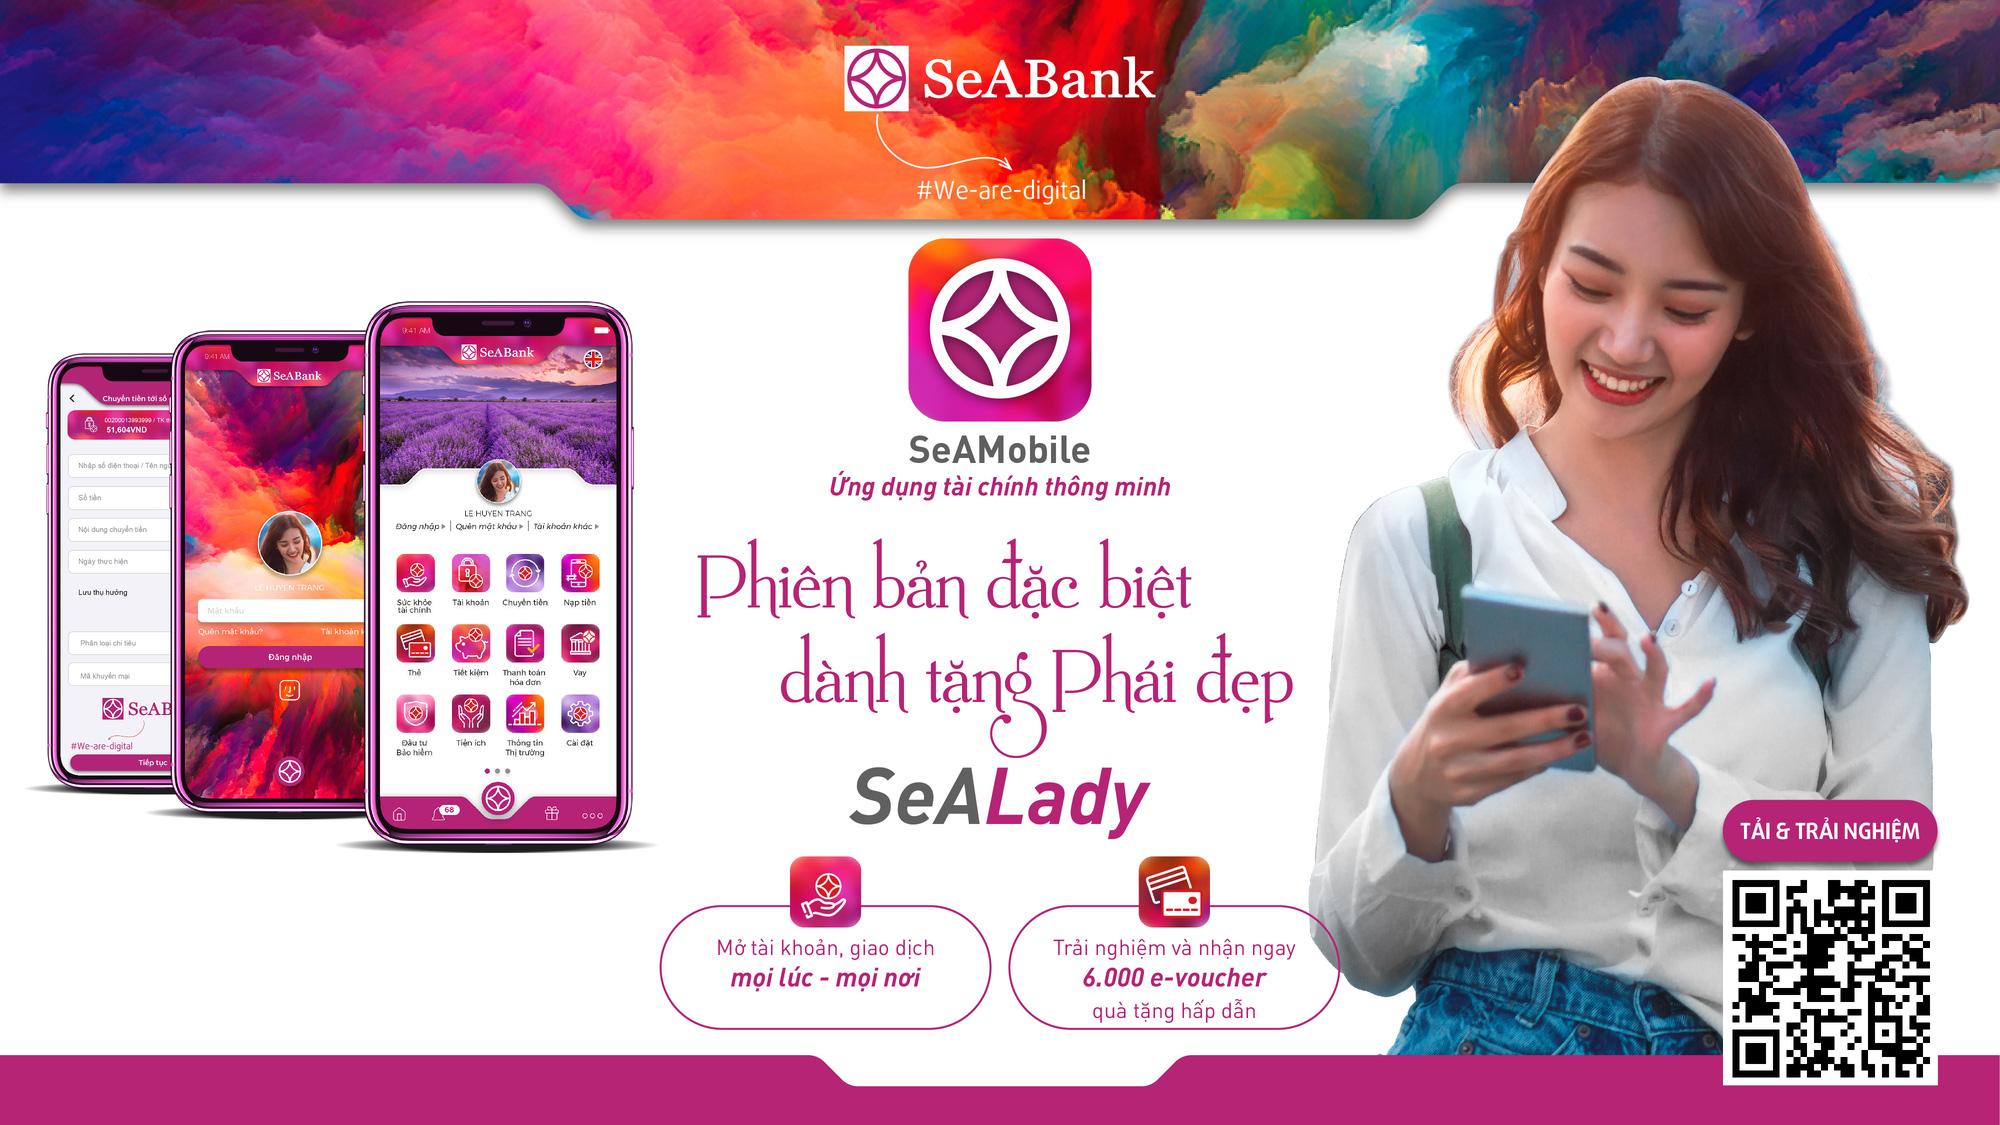 SeABank ra mắt ứng dụng ngân hàng số SeAMobile phiên bản đặc biệt dành riêng cho phái đẹp - SeALady - Ảnh 1.